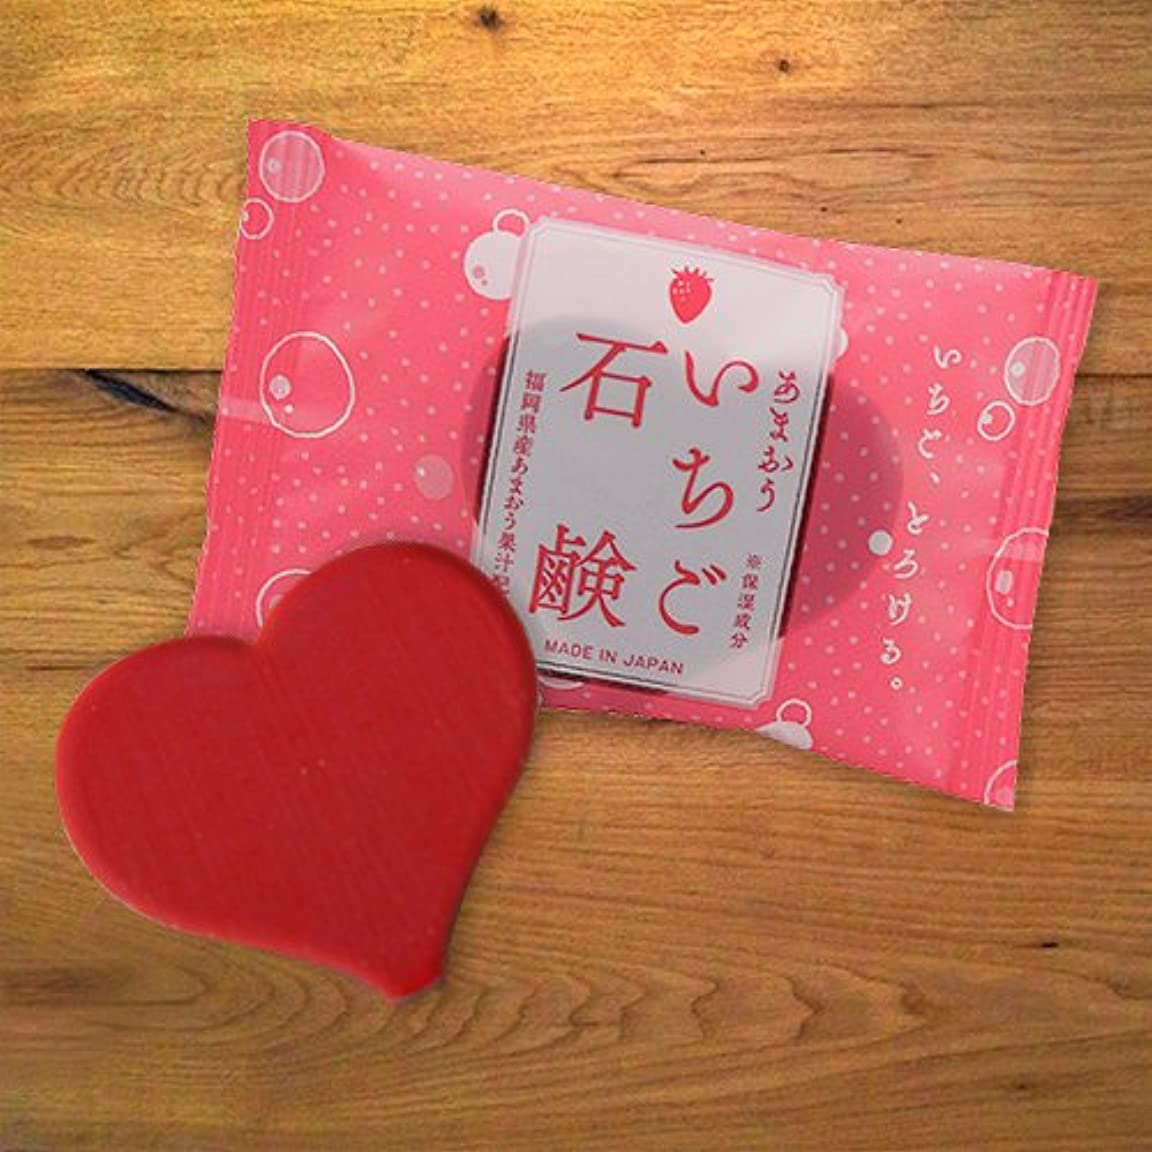 ローストケニアミリメーターあまおういちご石鹸 7g(ミニサイズ)